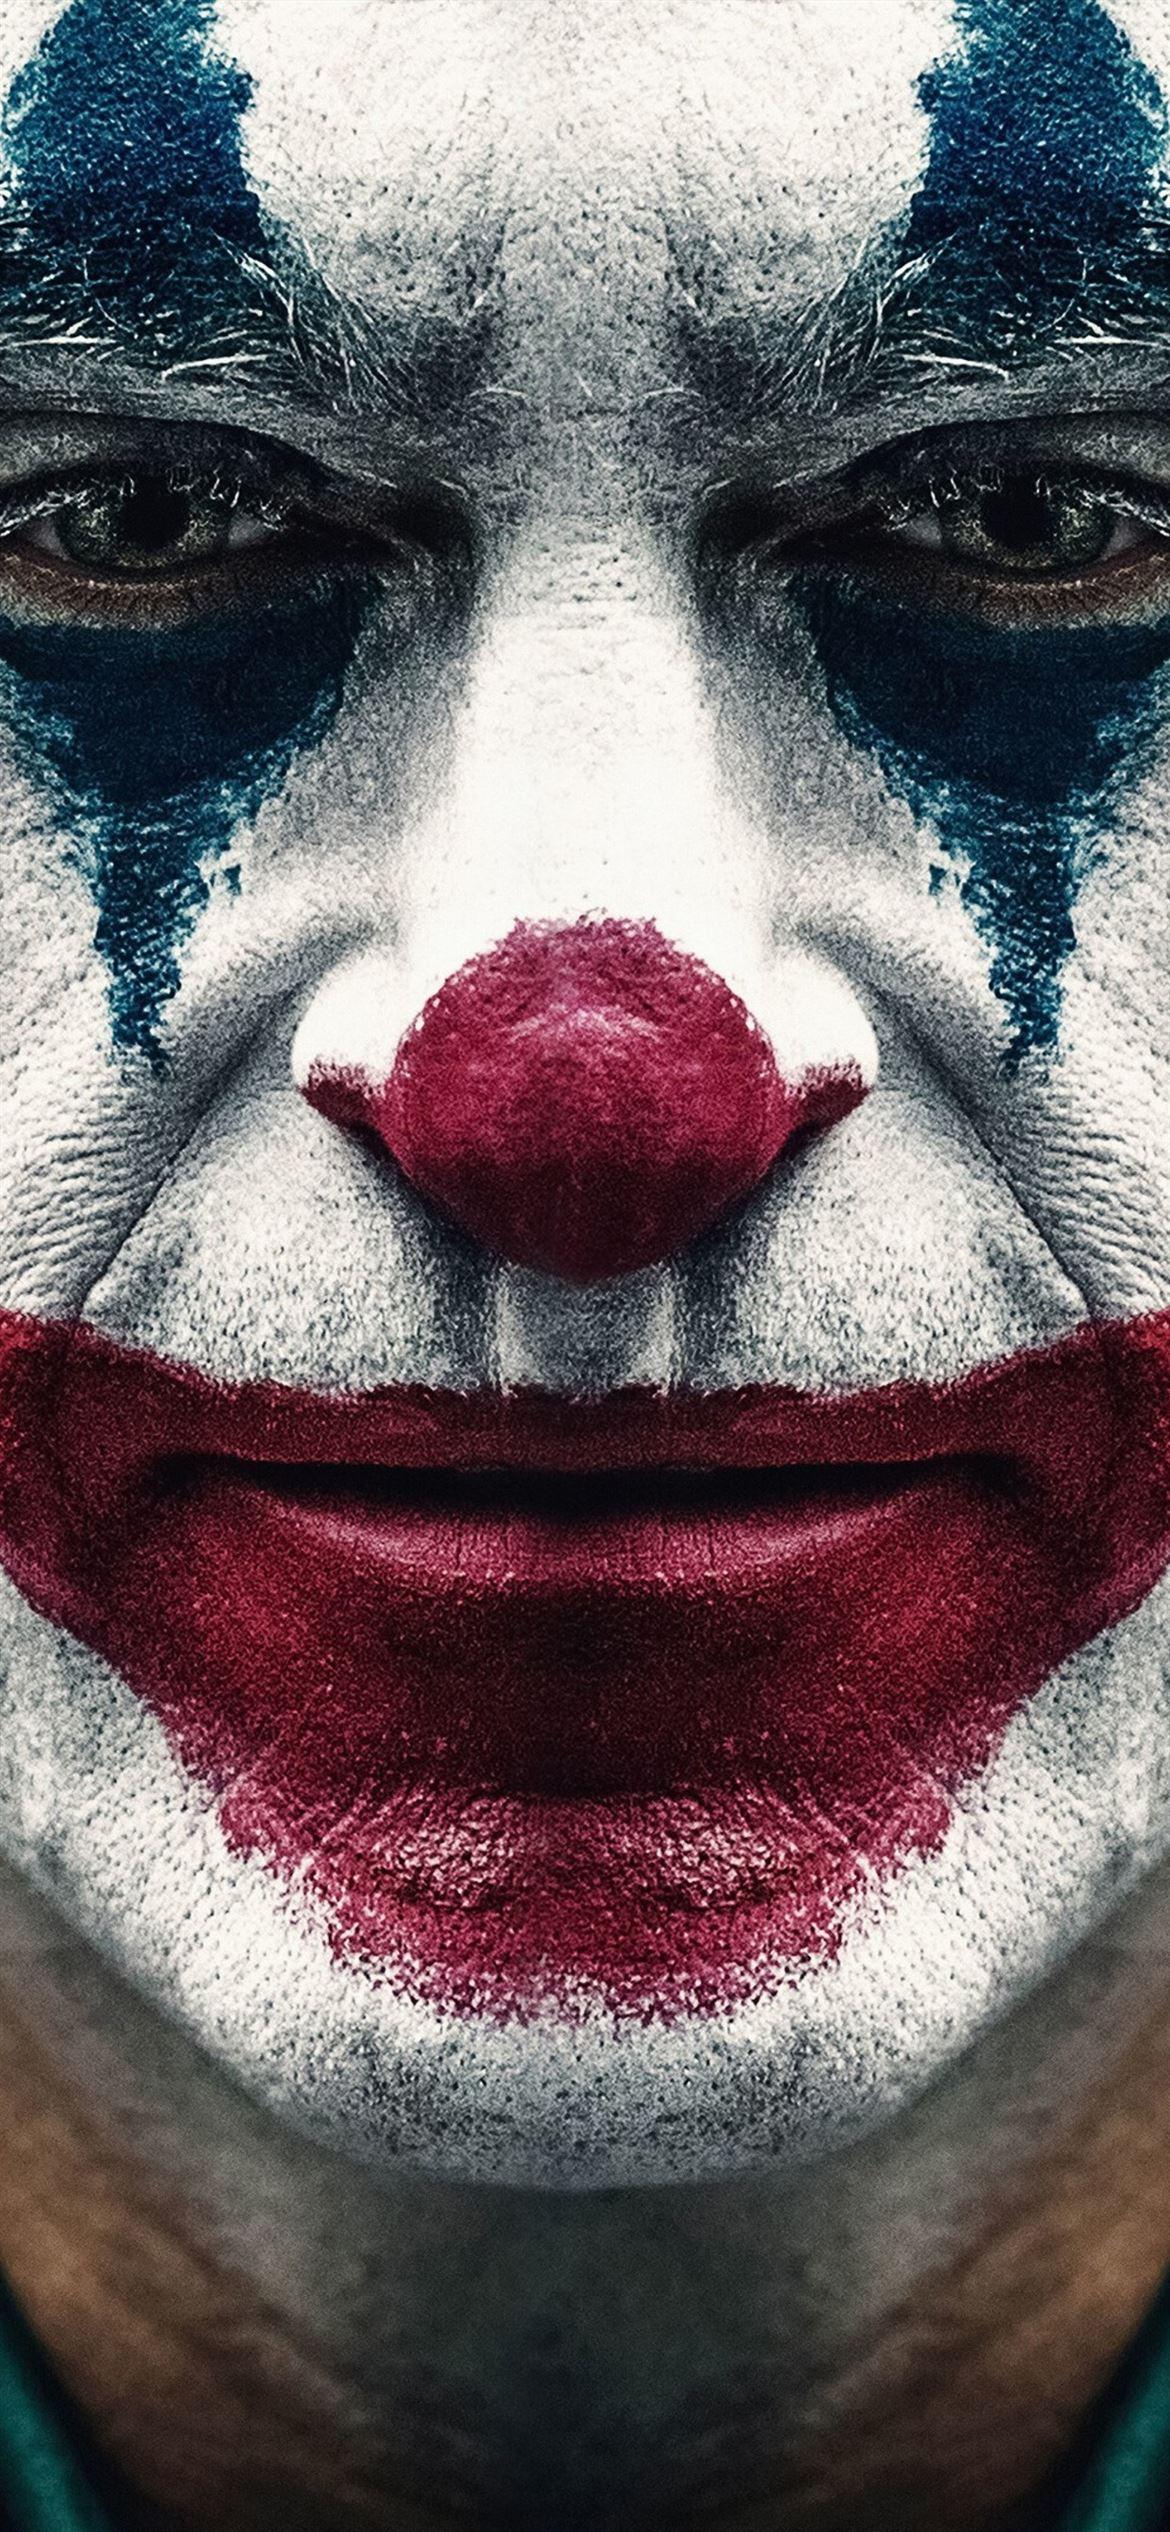 Joker 2019 Joaquin Phoenix Clown Iphone 12 Wallpapers Free Download